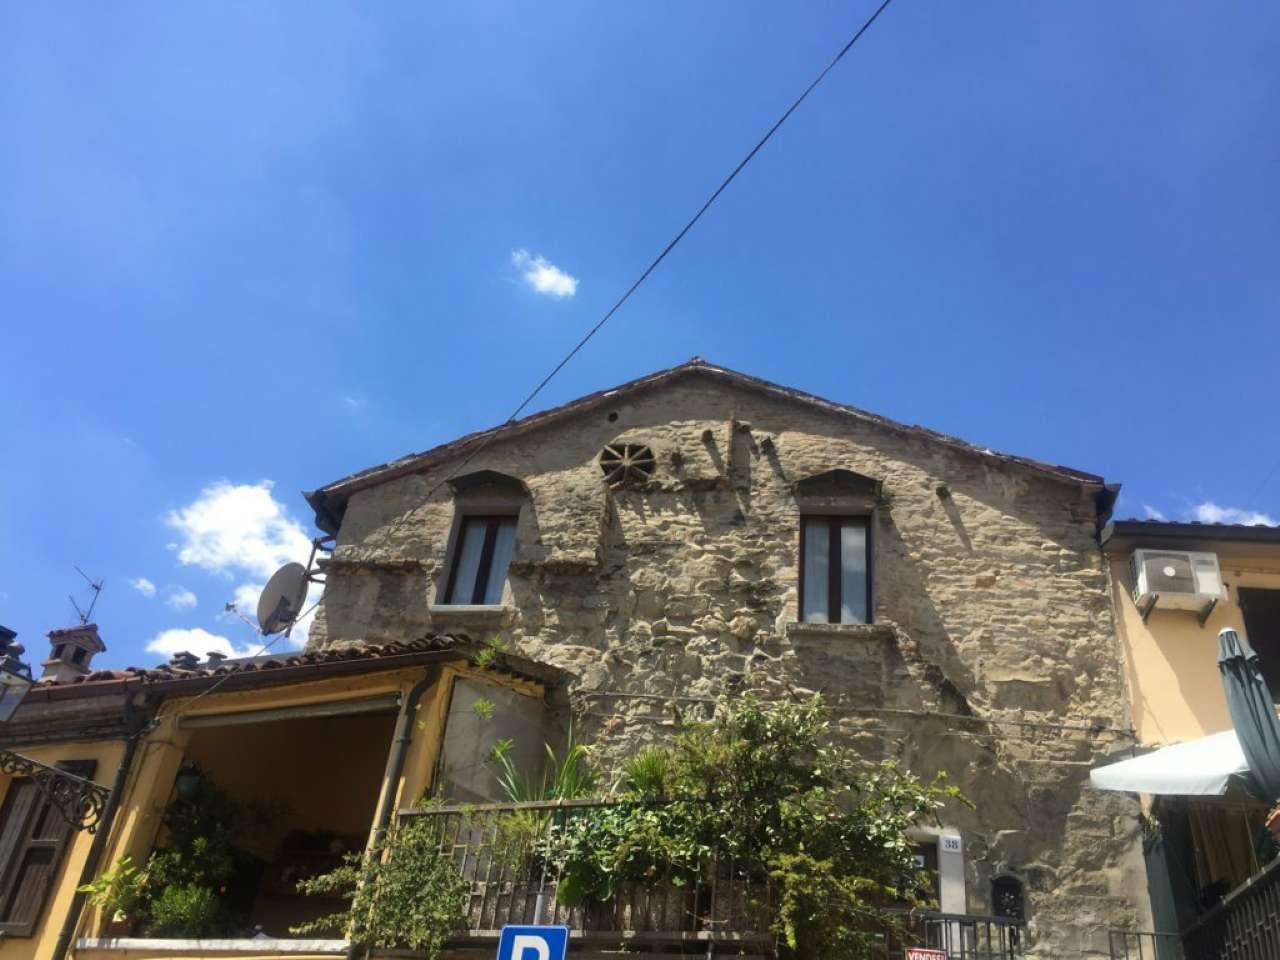 Palazzo / Stabile in vendita a Sarsina, 5 locali, prezzo € 180.000 | CambioCasa.it